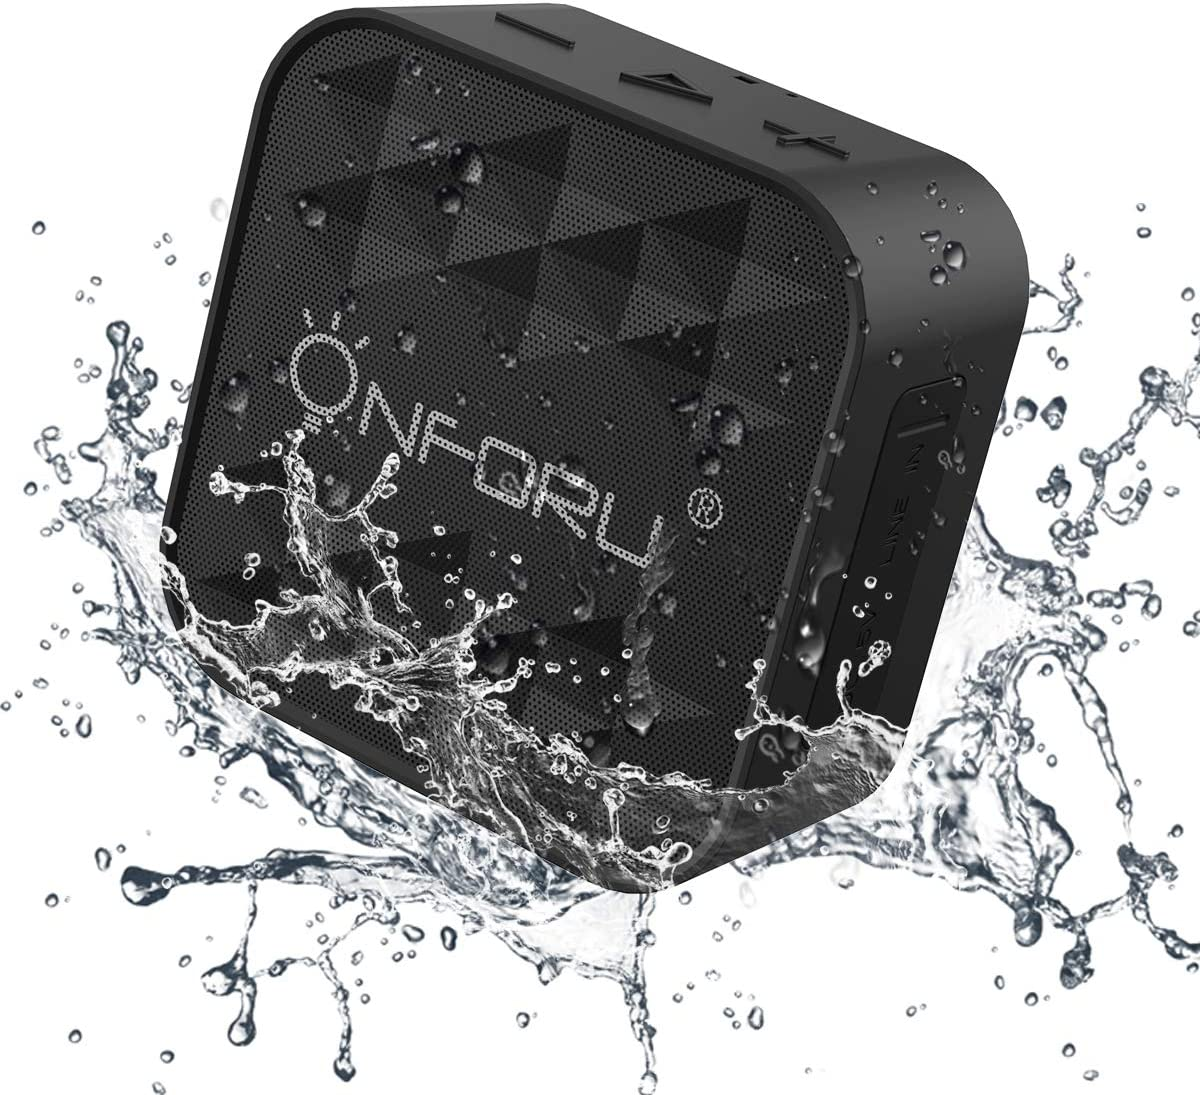 Onforu Mini Altavoz Bluetooth Inalámbrico, IPX7 Impermeable 10 Horas de Reproducción, Bluetooth 5.0 Speaker Mic Incorporado Sonido Estéreo Manos Libres para Móvil Tableta Playa Ducha